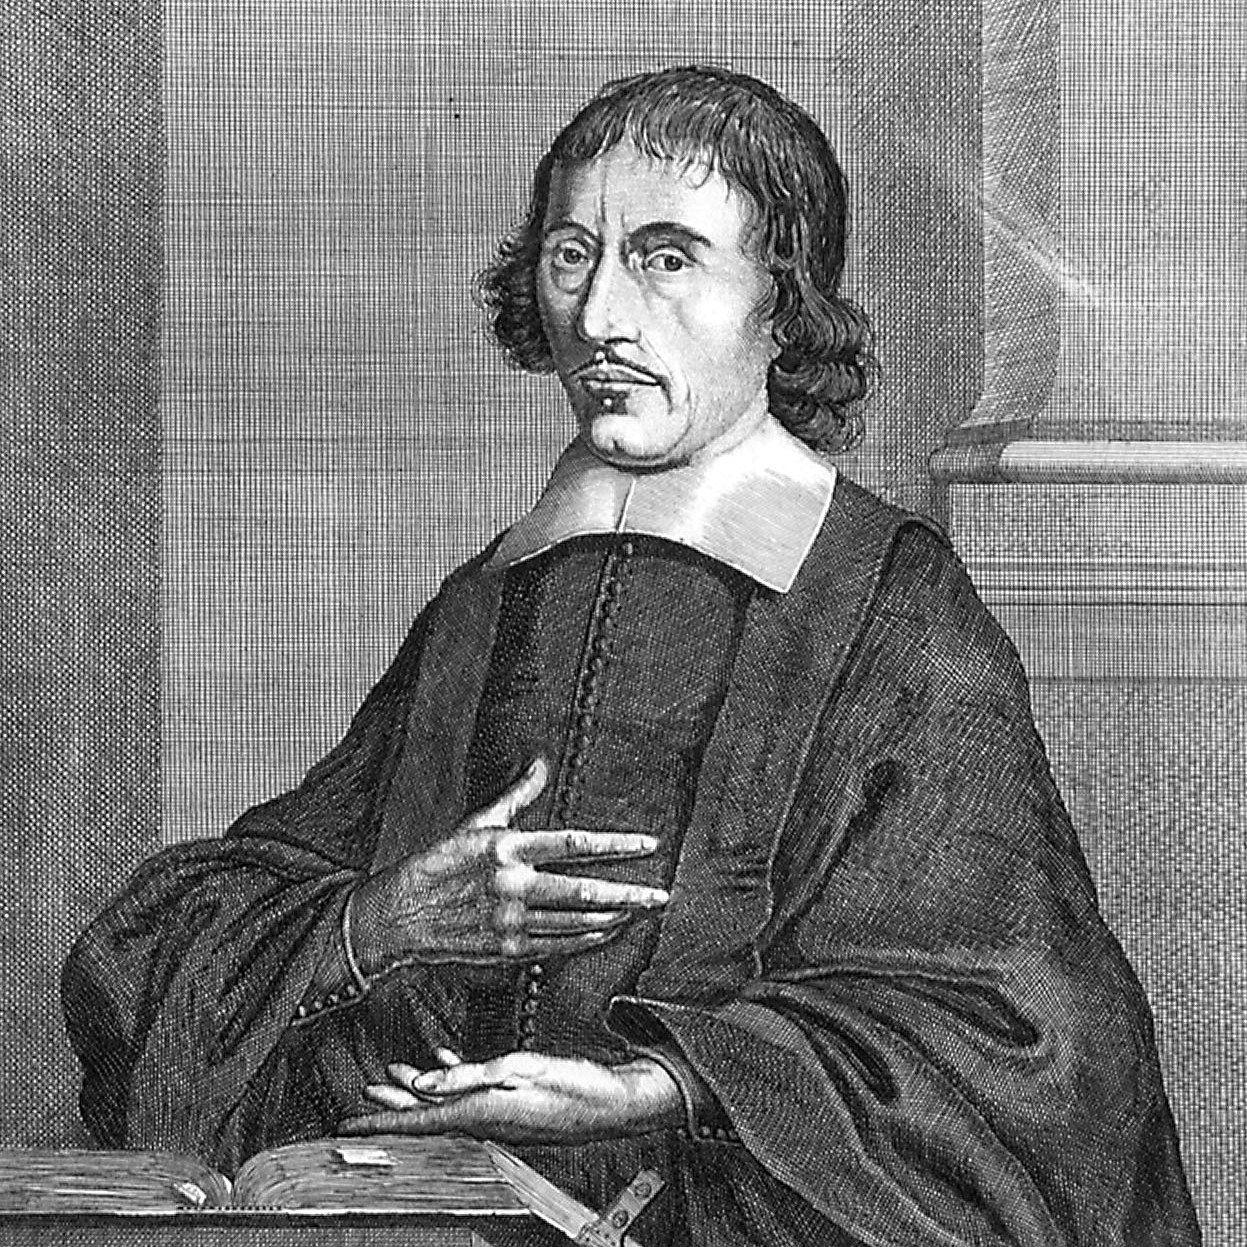 Portret van Jacobus Koelman (1632-1695), predikant te te Sluis. Kopergravure door J. Luyken, 1679. (Zeeuws Archief, coll. Zeeuws Genootschap, Zelandia Illustrata)